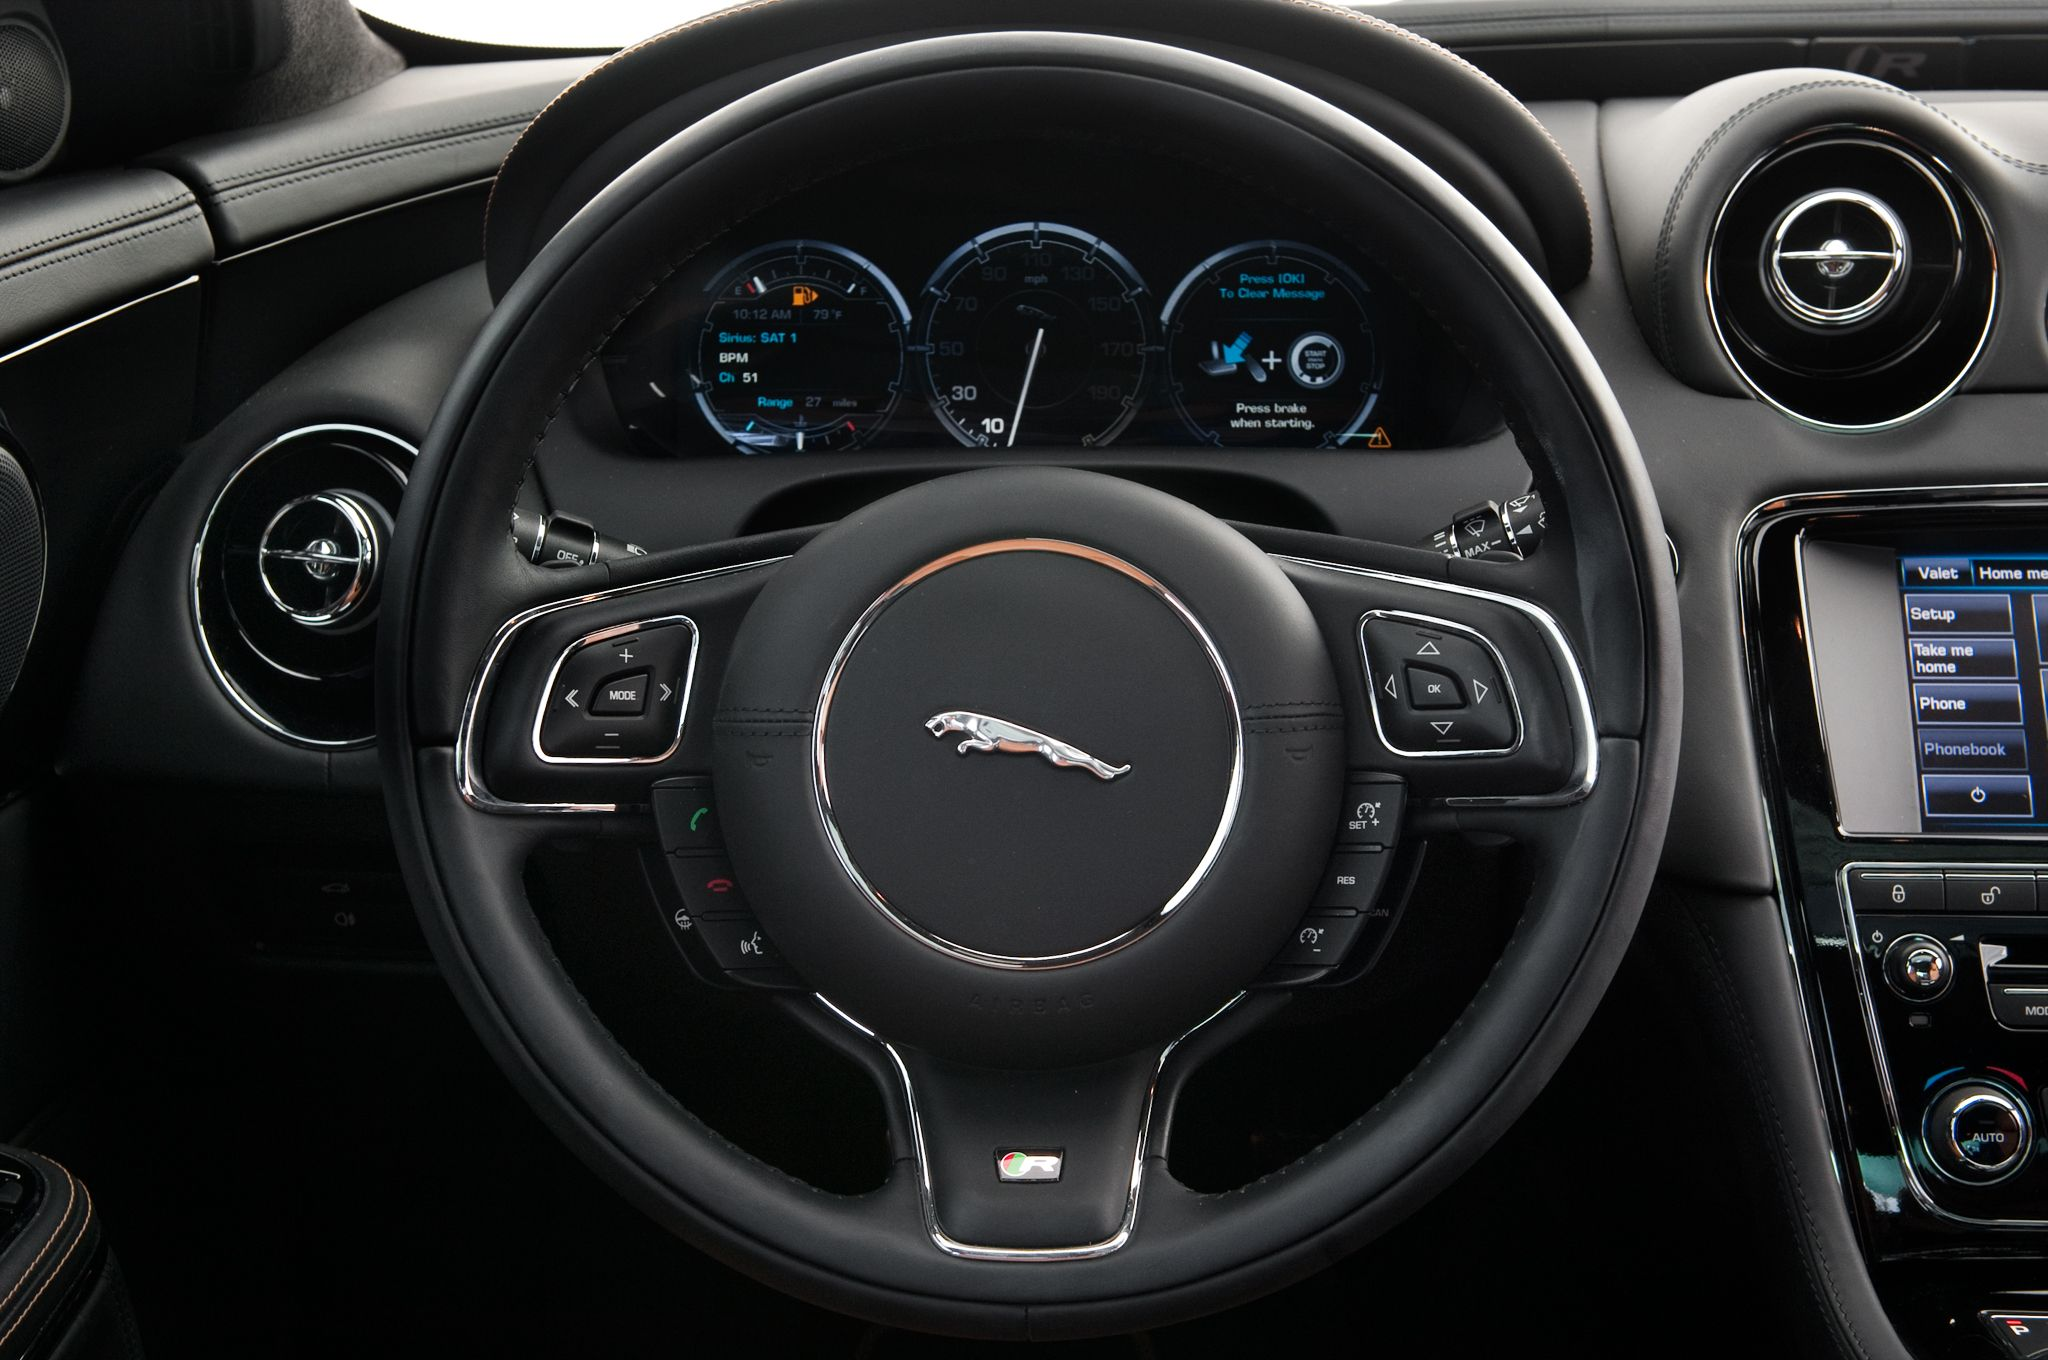 2014 jaguar xjr steering wheel black sport multifunction 3. Black Bedroom Furniture Sets. Home Design Ideas